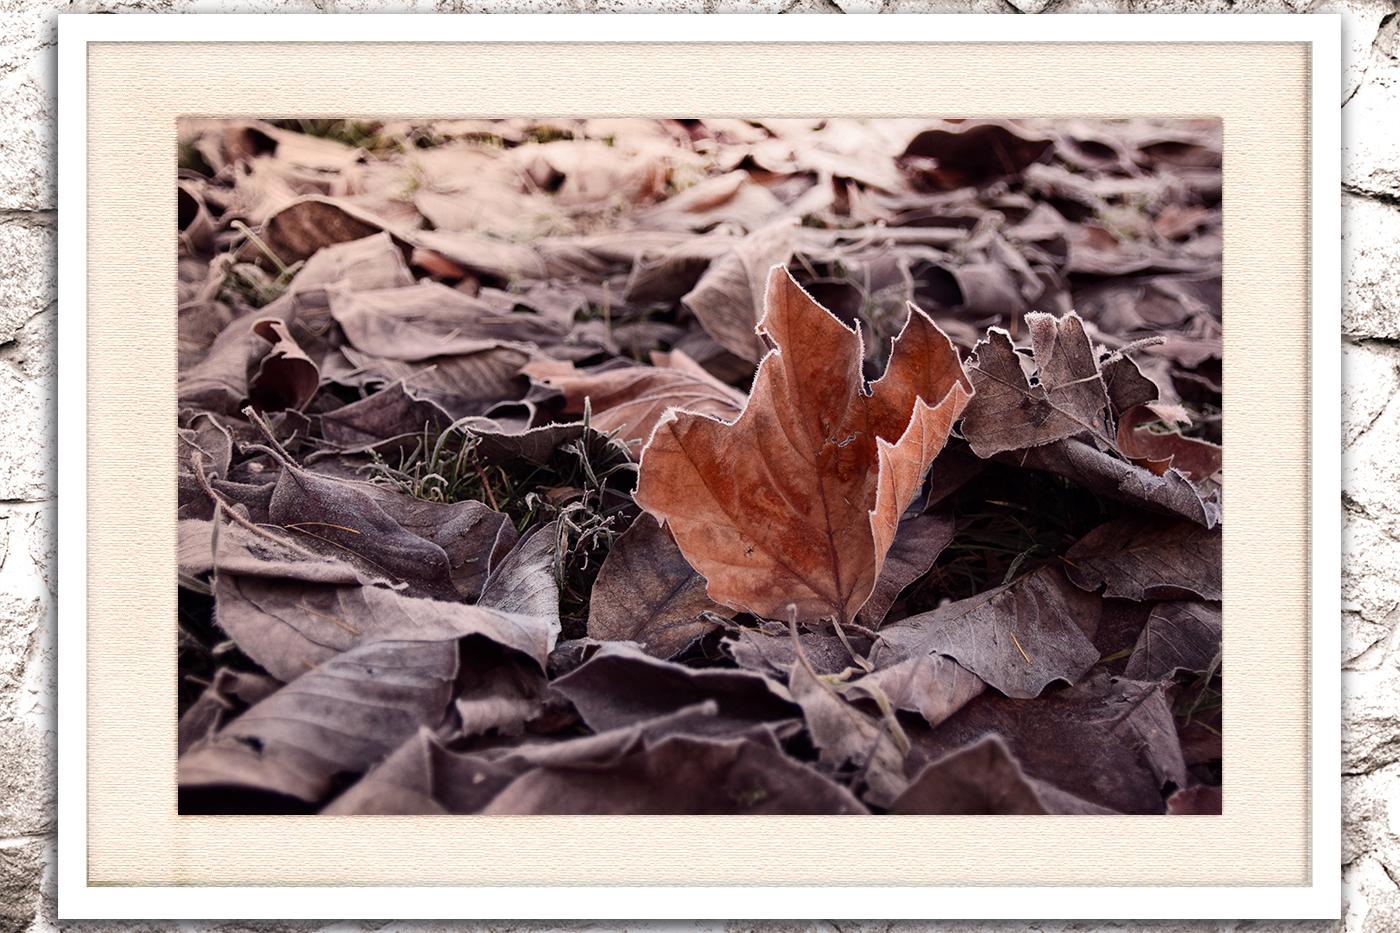 Nature photo, flora photo, leaf photo, winter photo example image 3